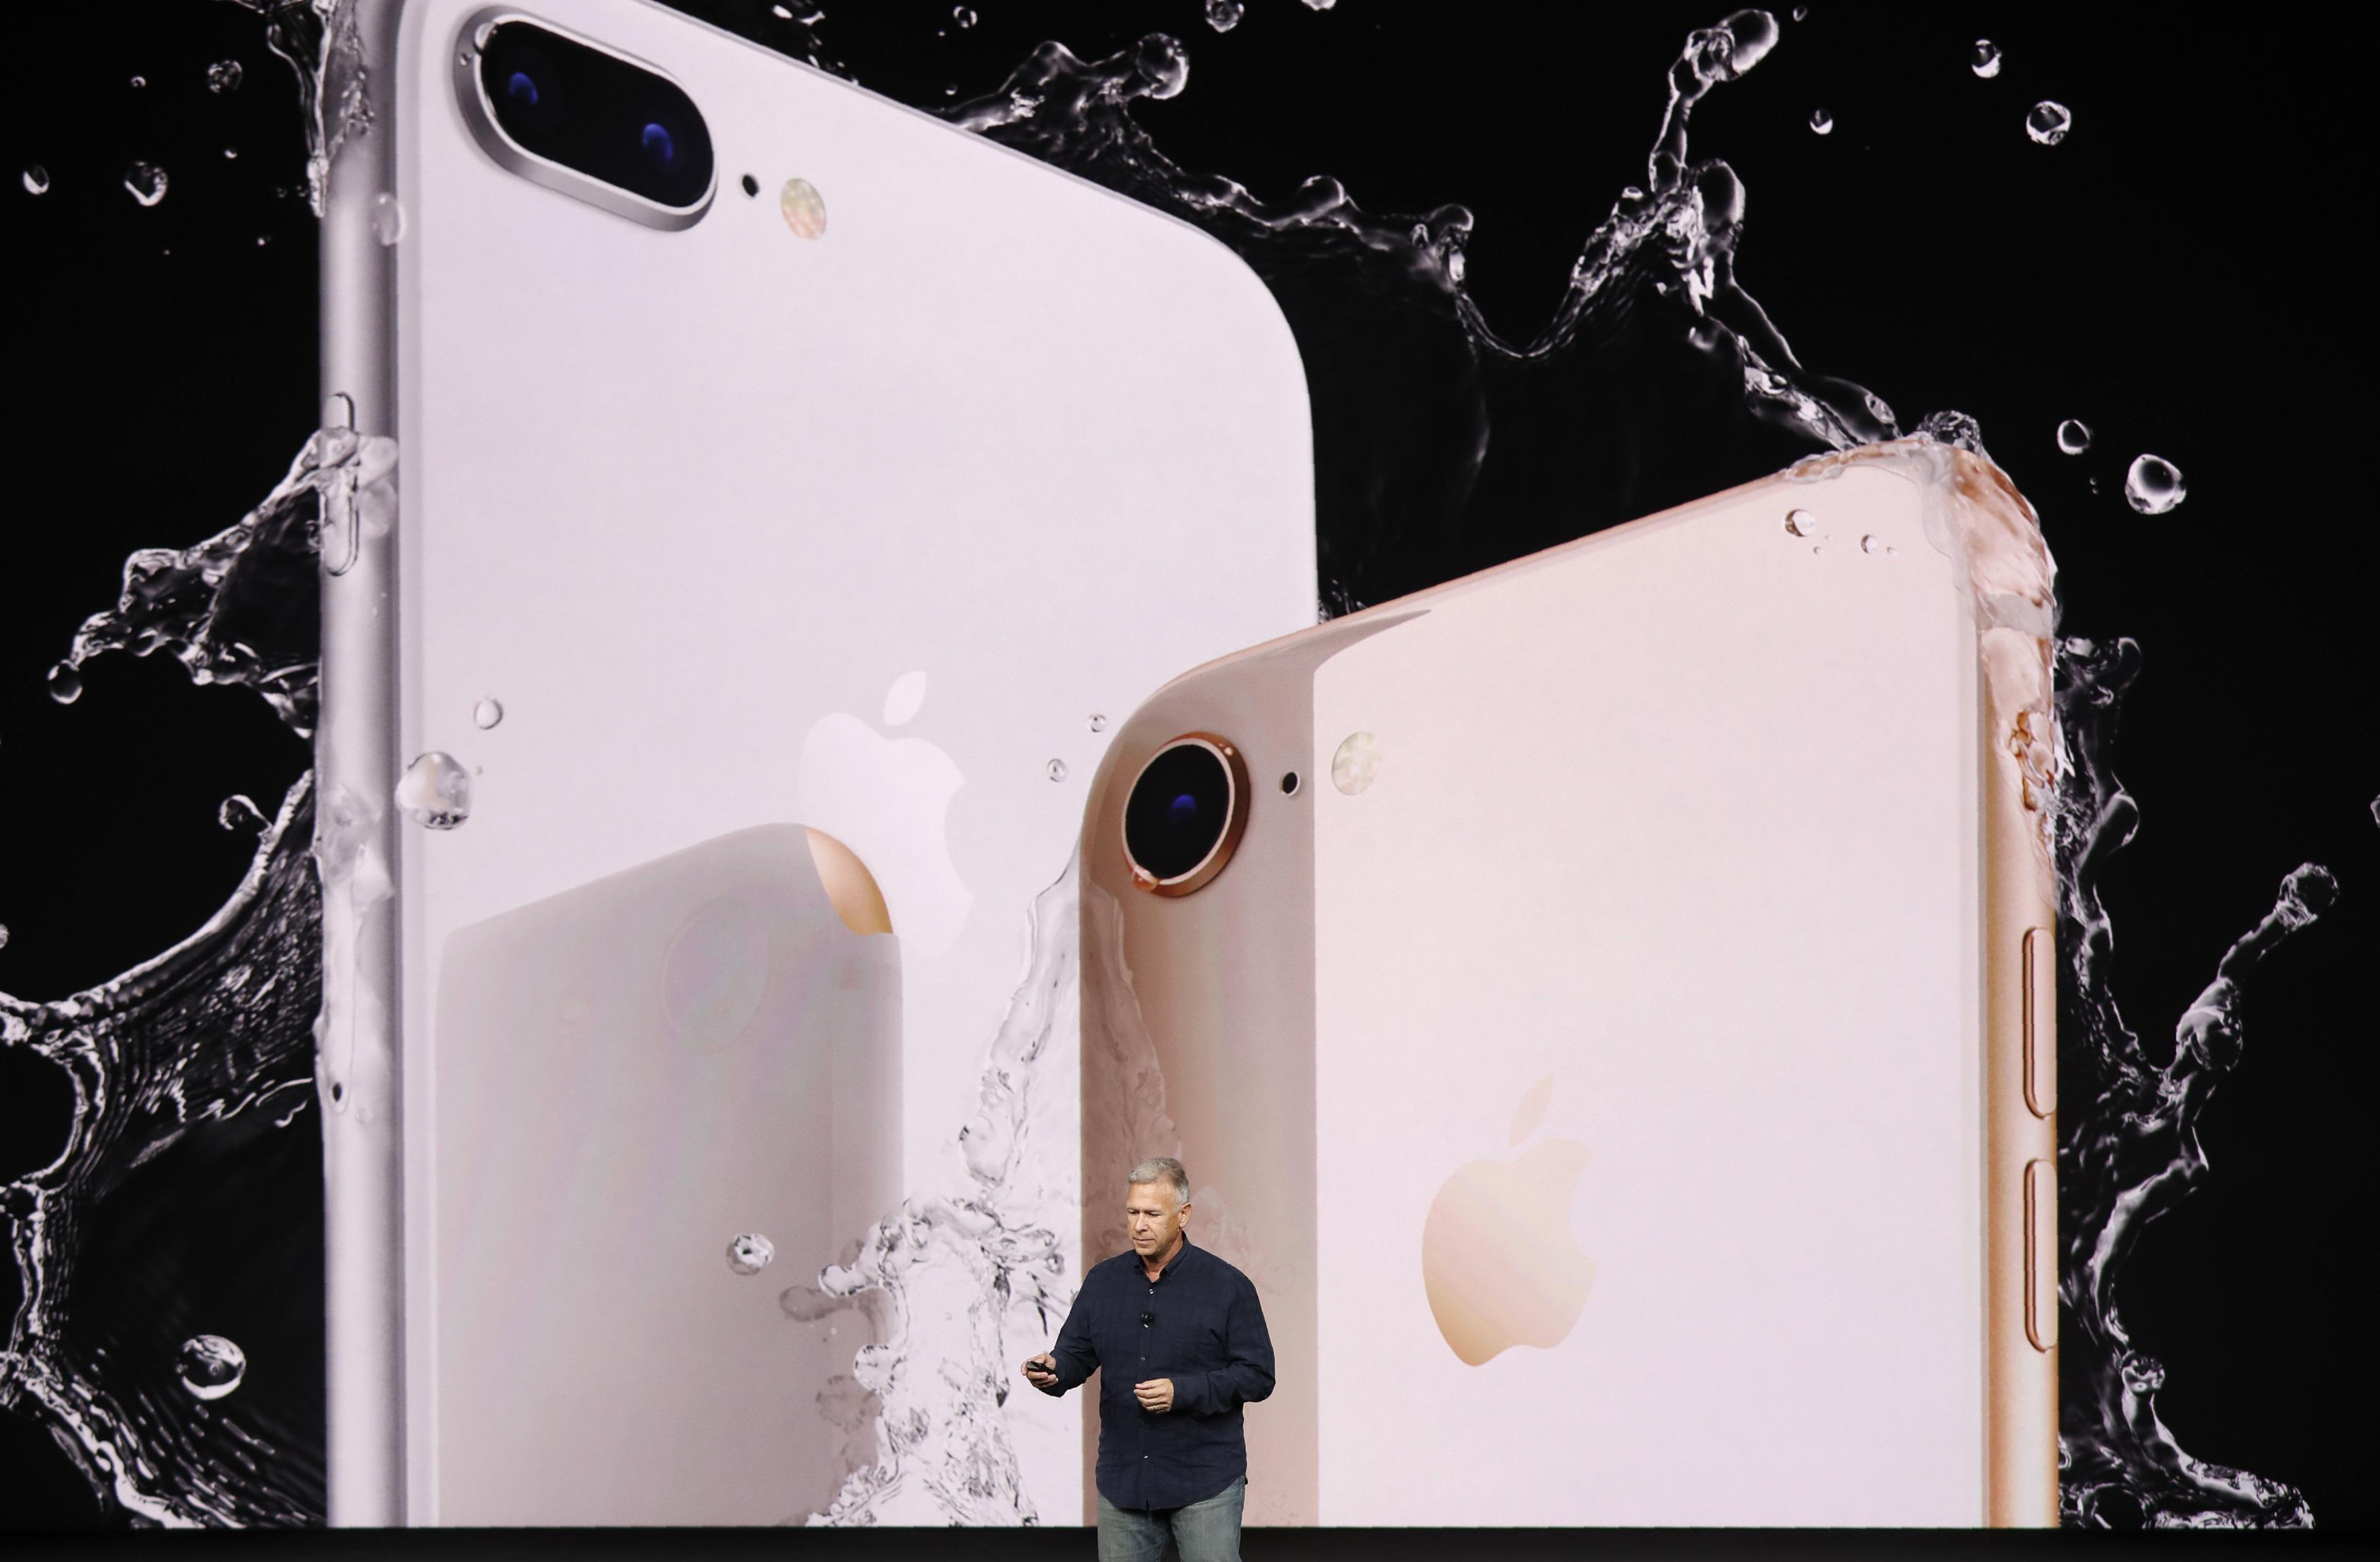 iPHONE X'İN ÖZELLİKLERİ NELER?